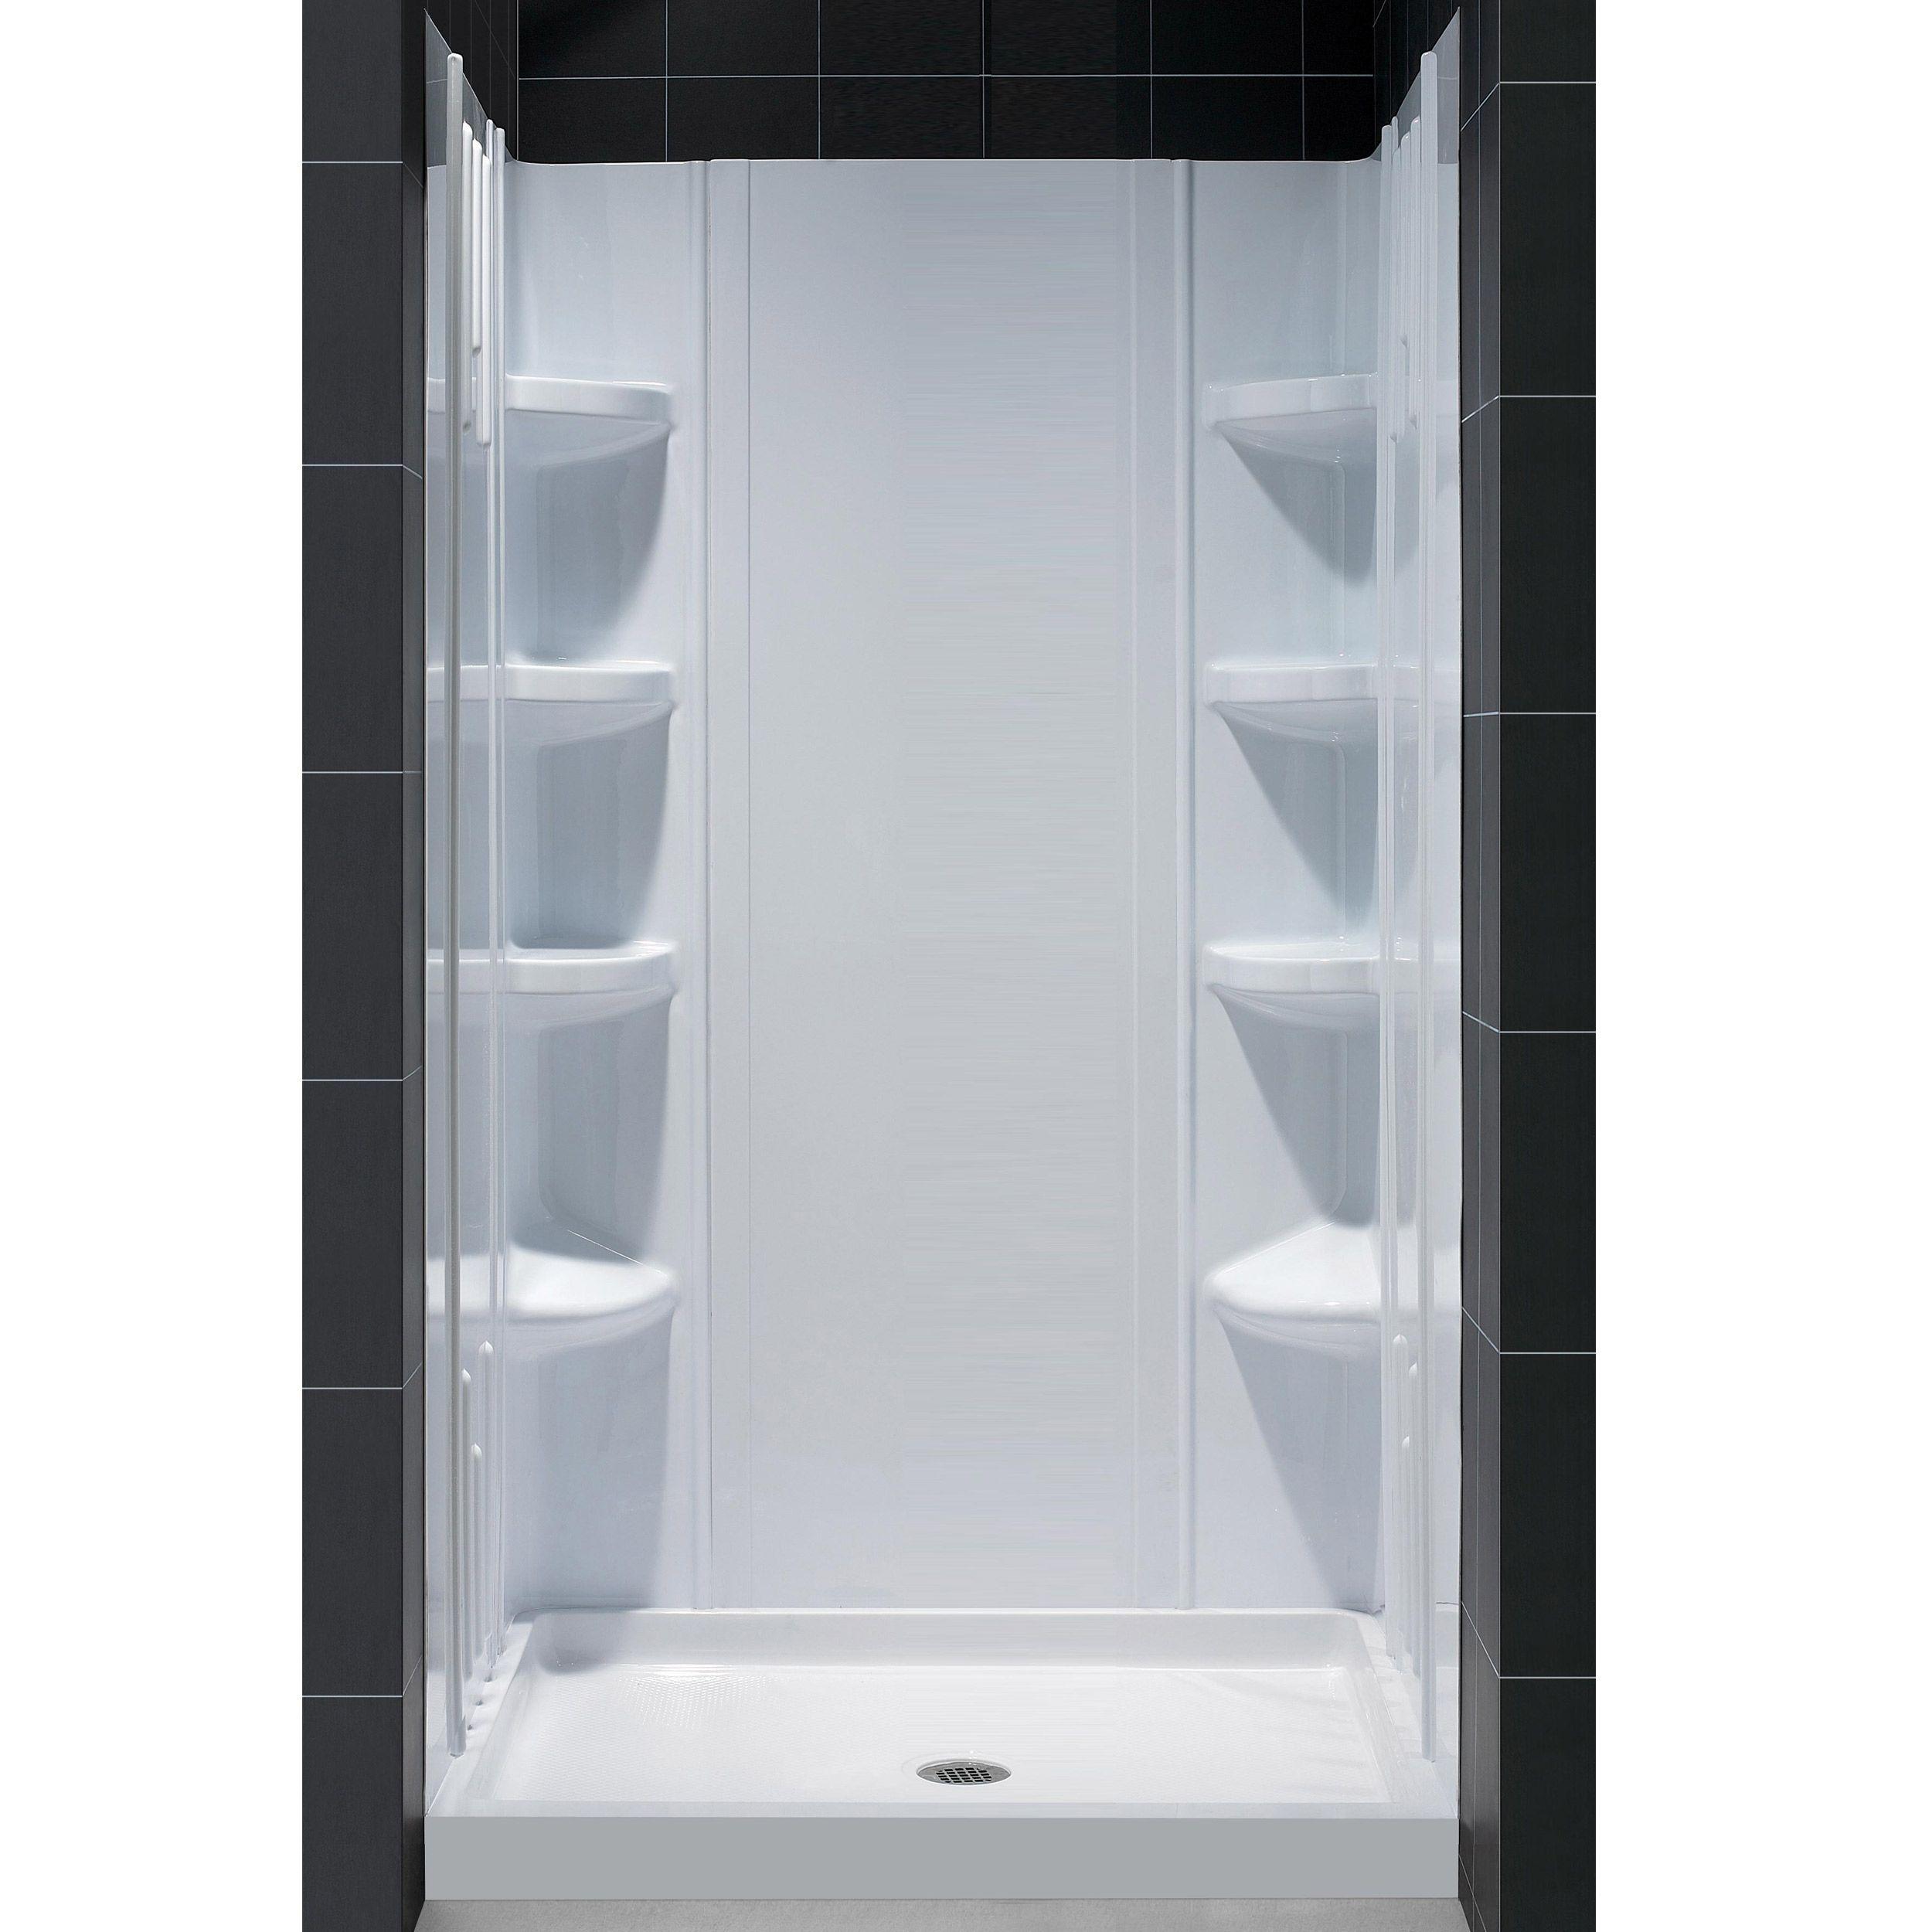 DreamLine Fiberglass Reinforced SlimLine Single Threshold Shower